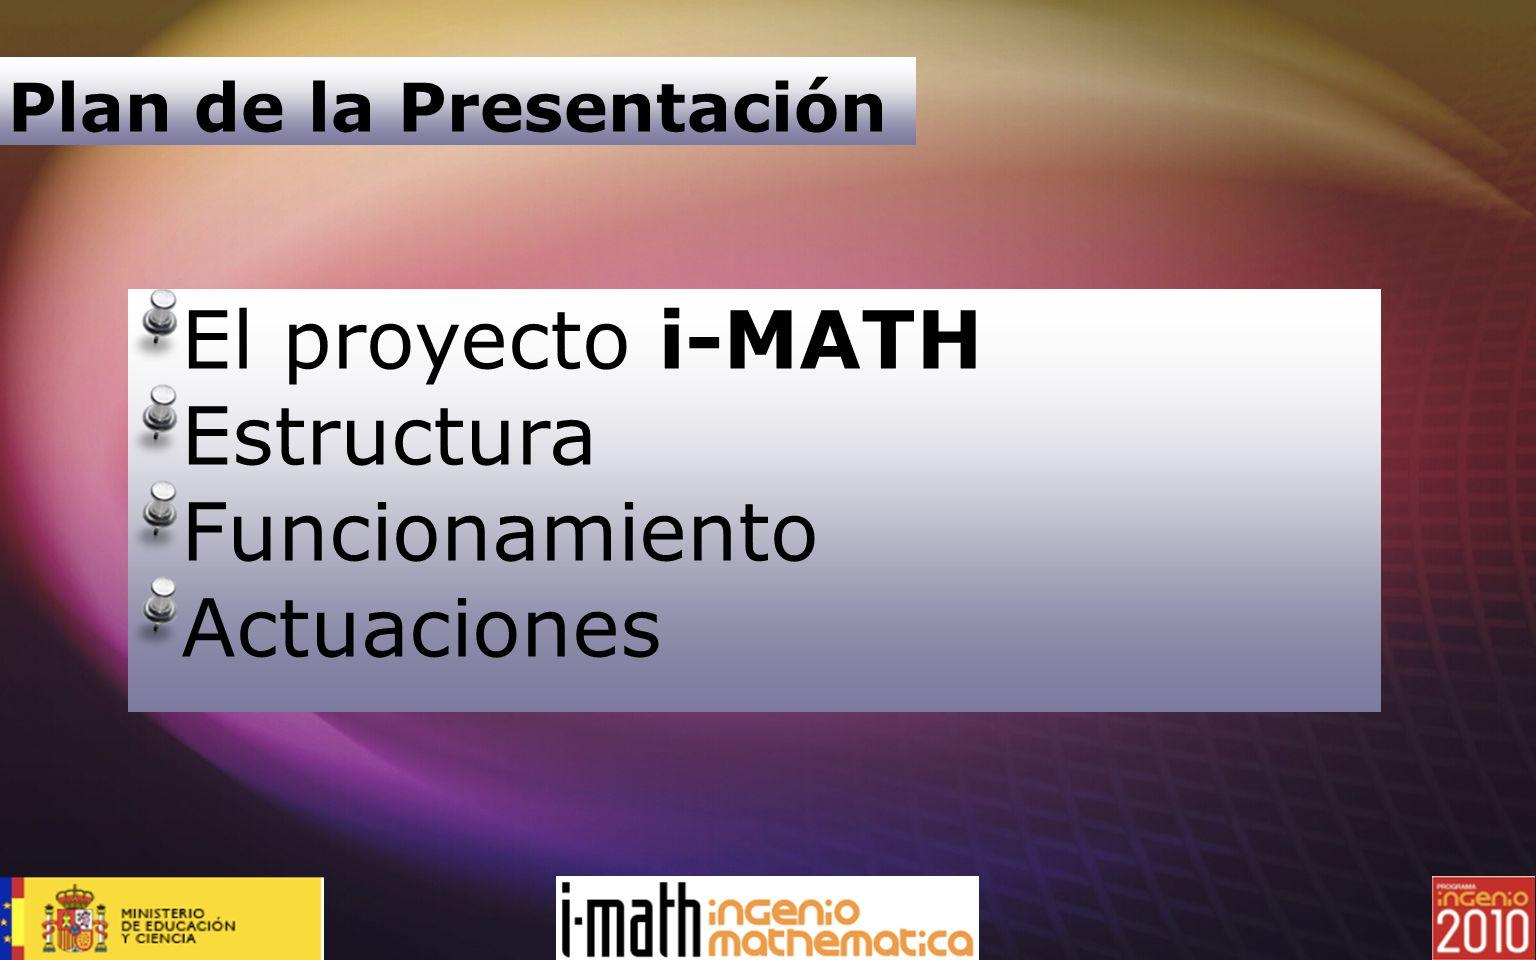 El proyecto i-MATH Estructura Funcionamiento Actuaciones